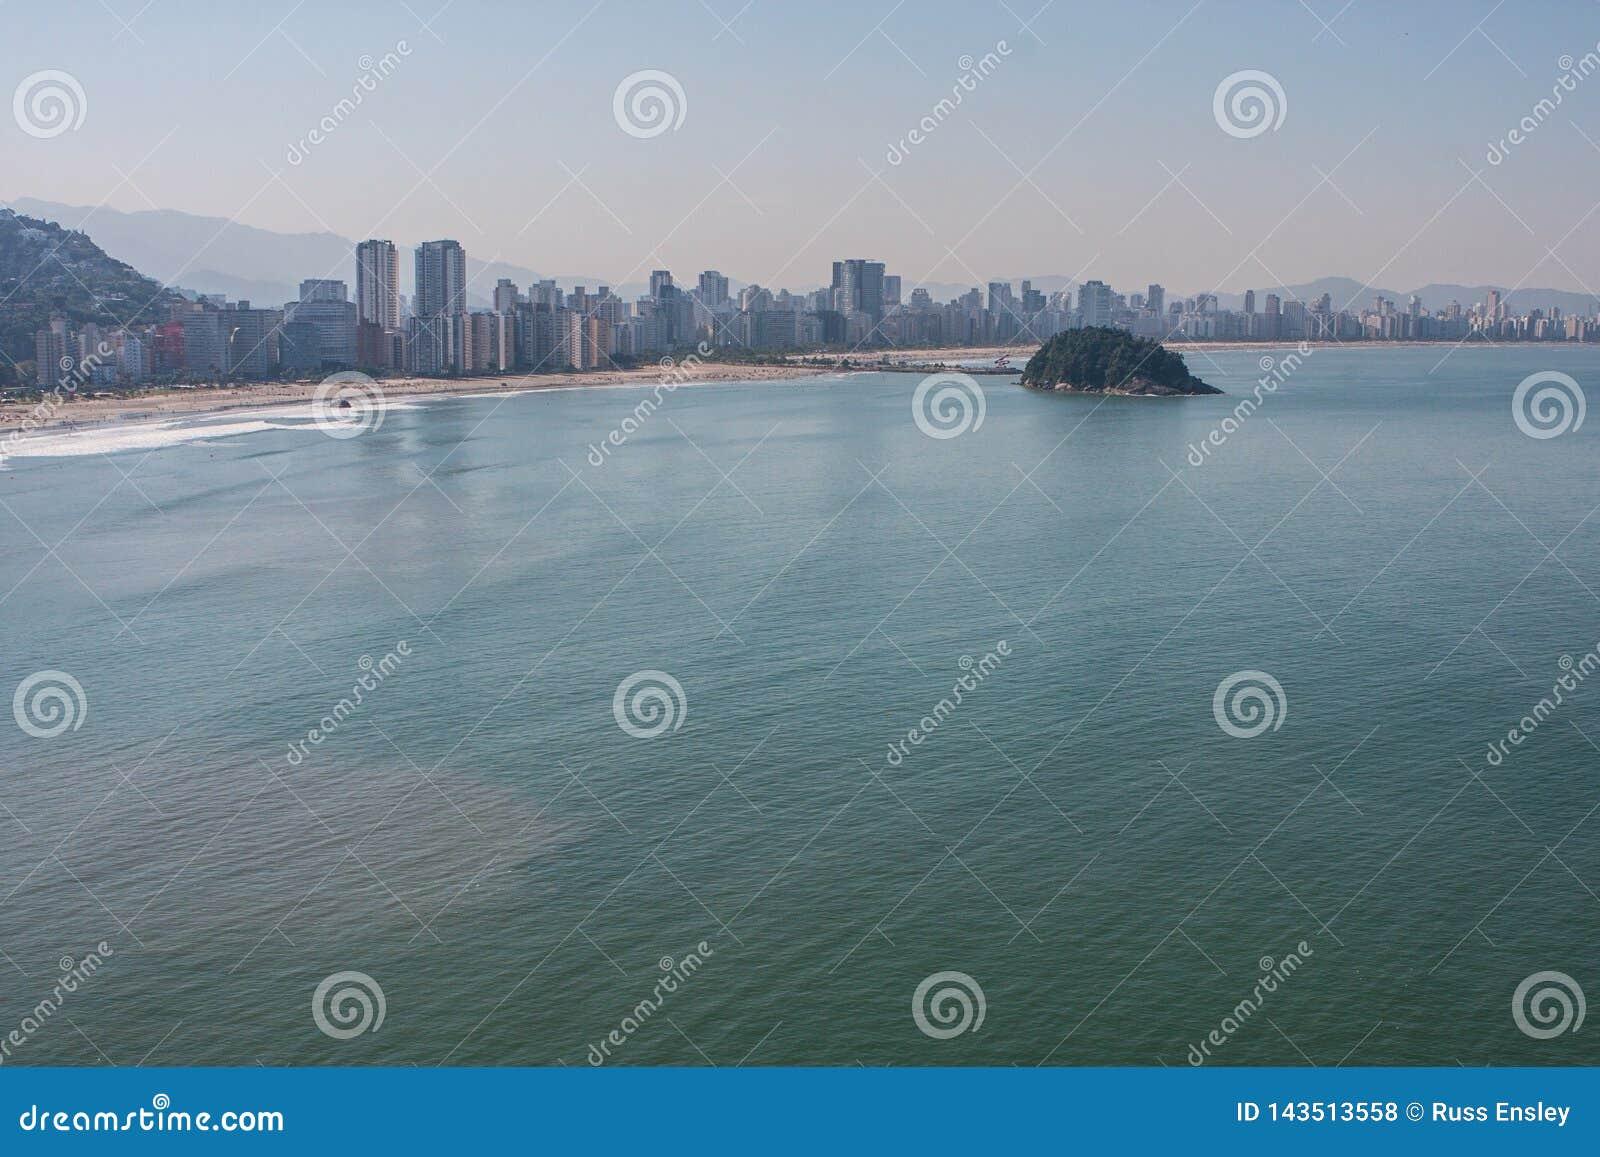 A perspectiva elevada mostra construções altas da elevação ao longo do litoral brasileiro